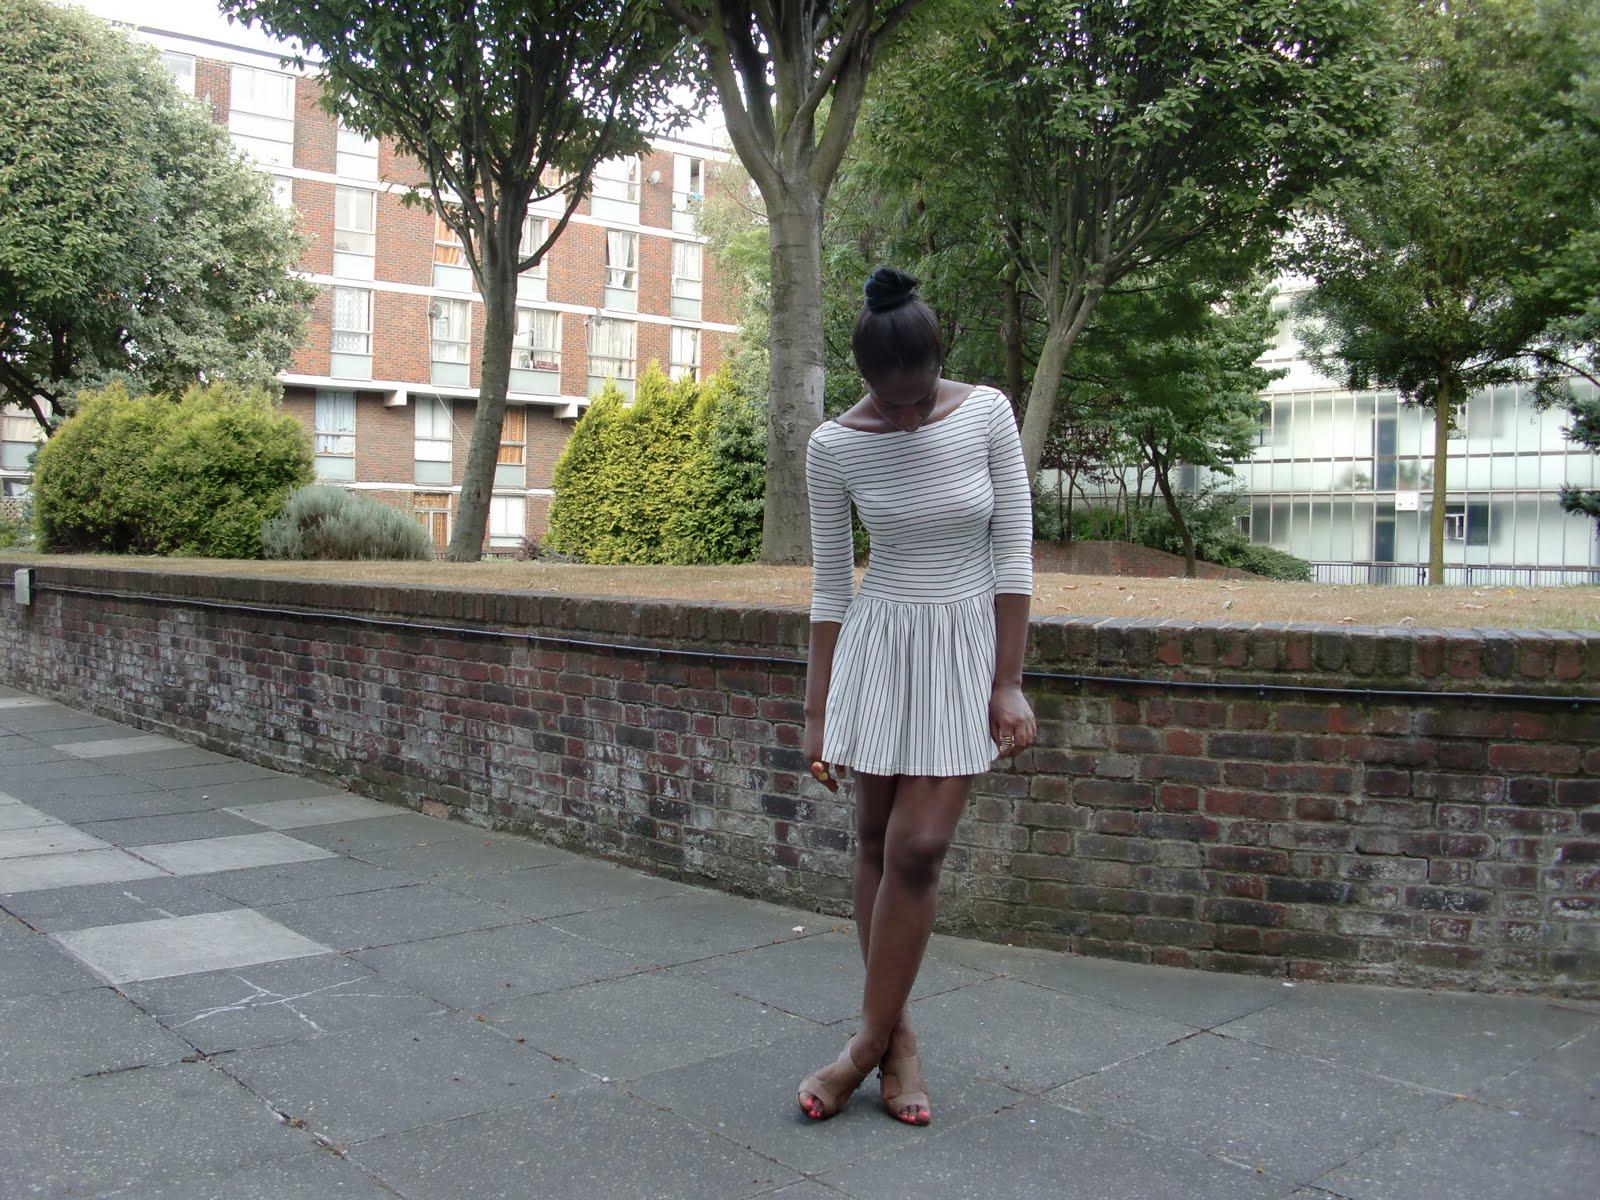 http://3.bp.blogspot.com/_PEftiL4gWIU/TES4m3J9gnI/AAAAAAAABvk/1Iyt1BmB_Fs/s1600/Picture%2B288.jpg